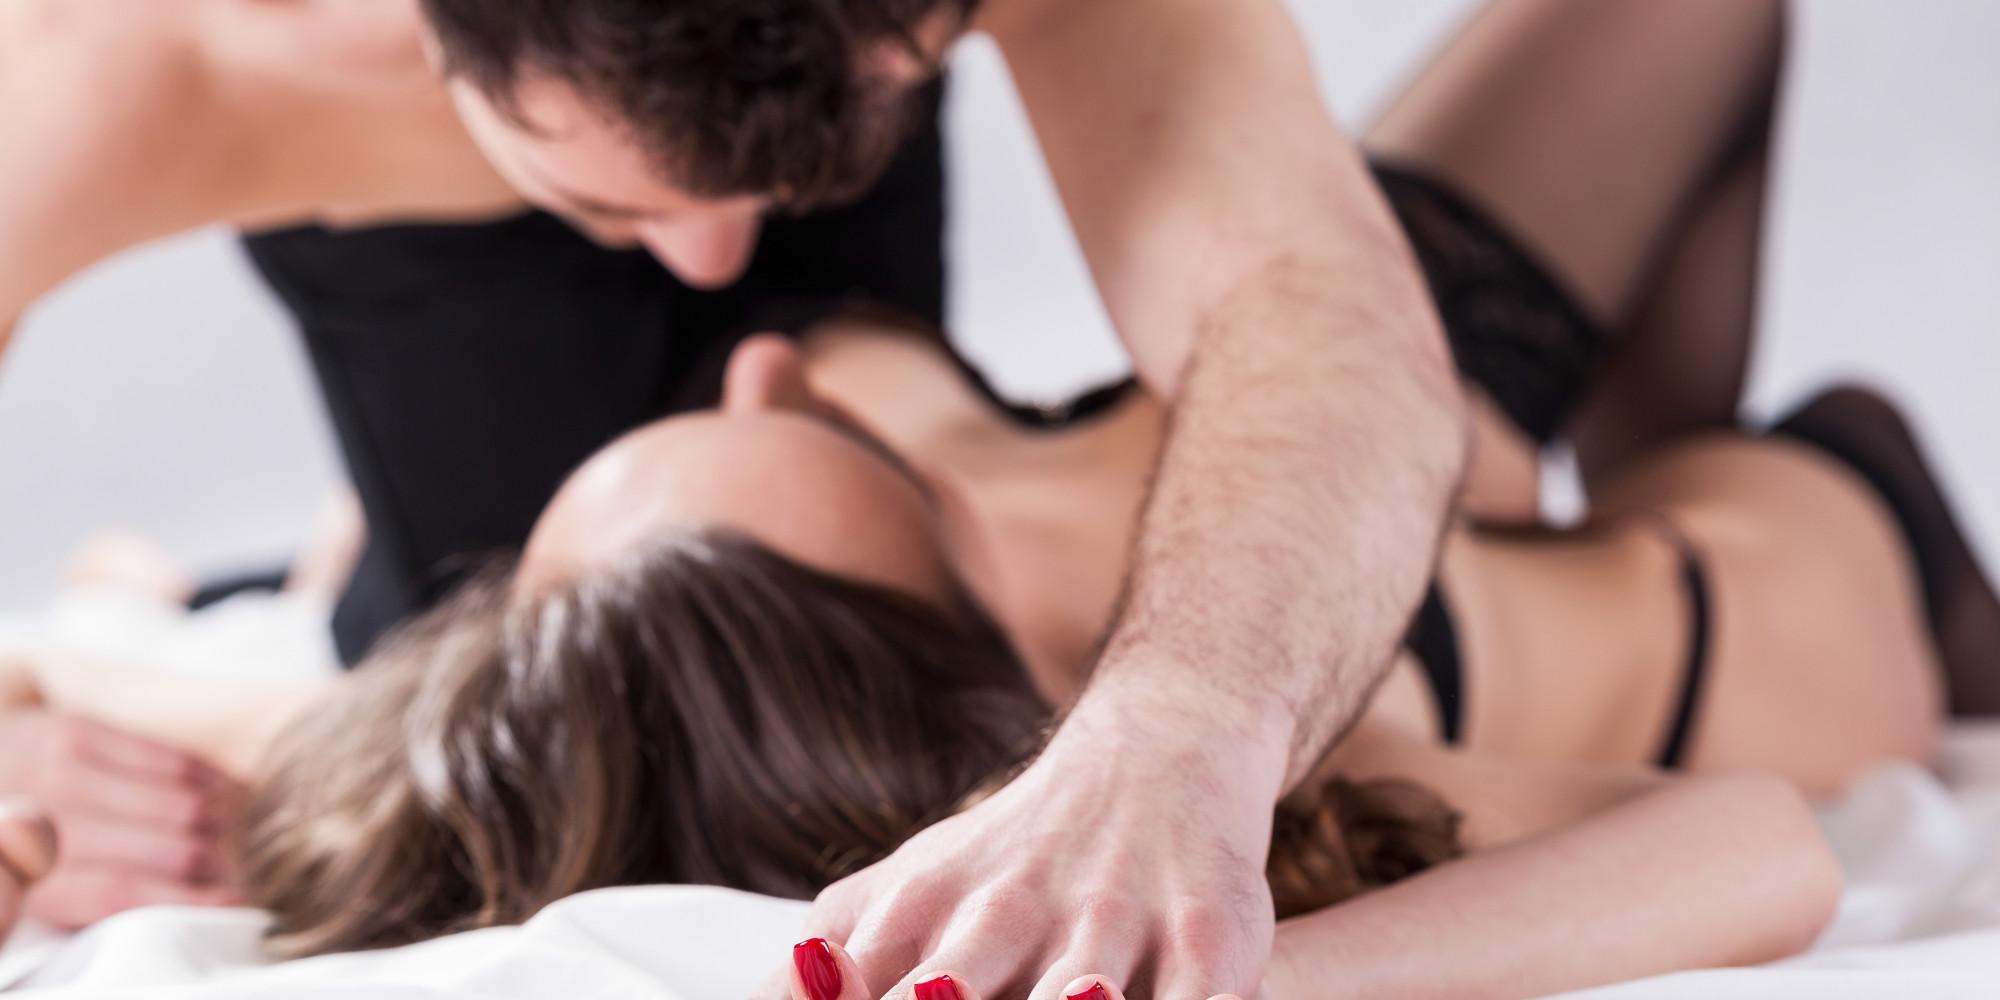 Урок правильно секса, Уроки секса: видео на Дойки. Смотреть порно уроки 3 фотография